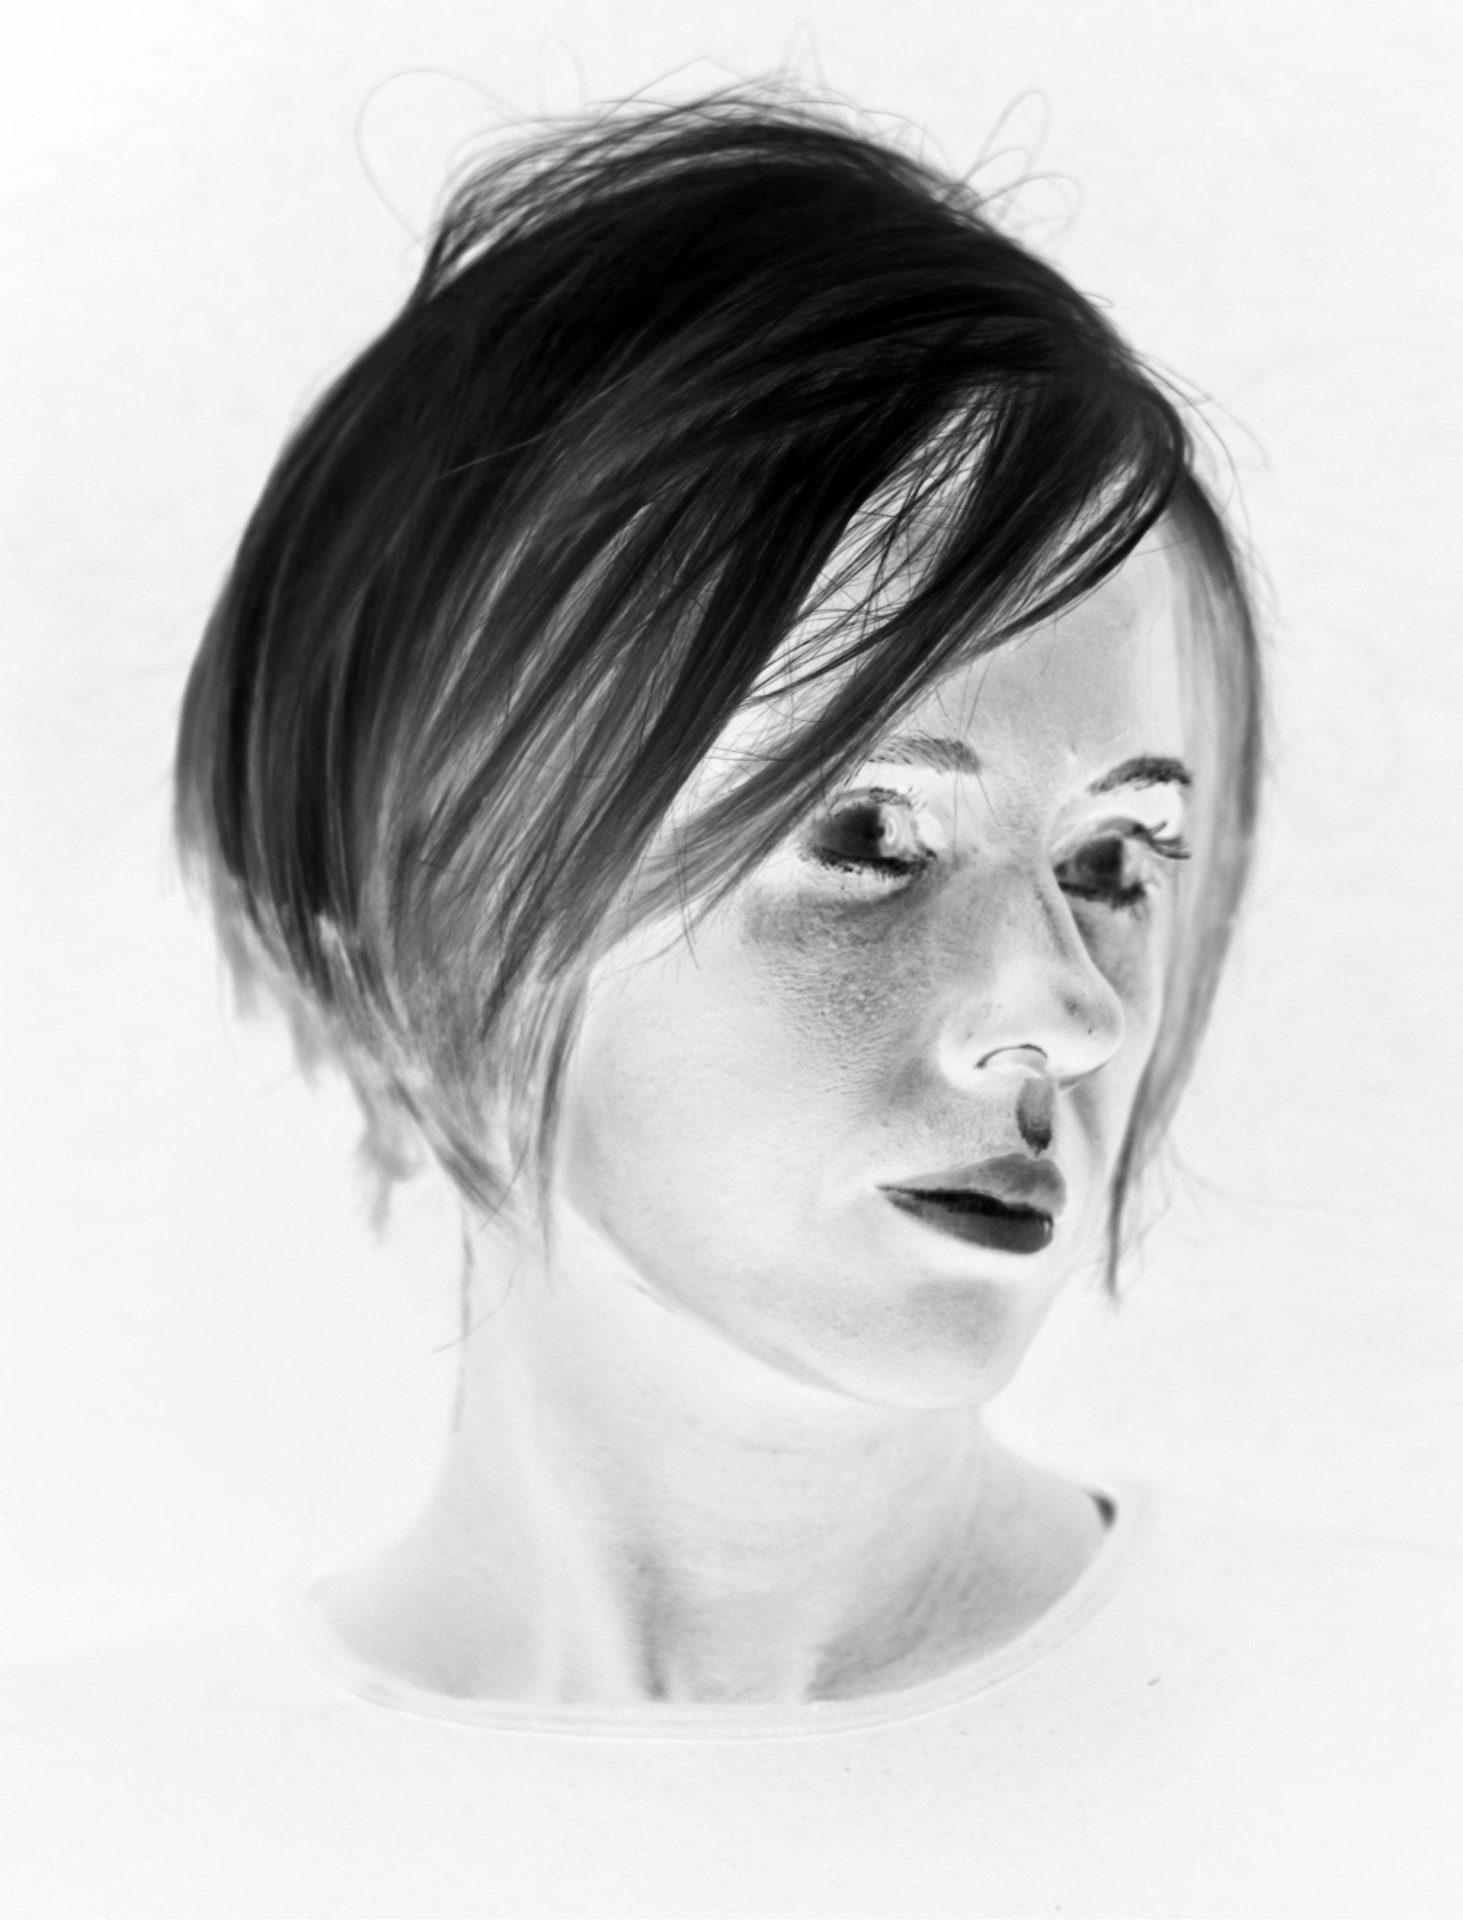 Aneta Grzeszykowska, Negativebook, 2012–2013, (16/42)